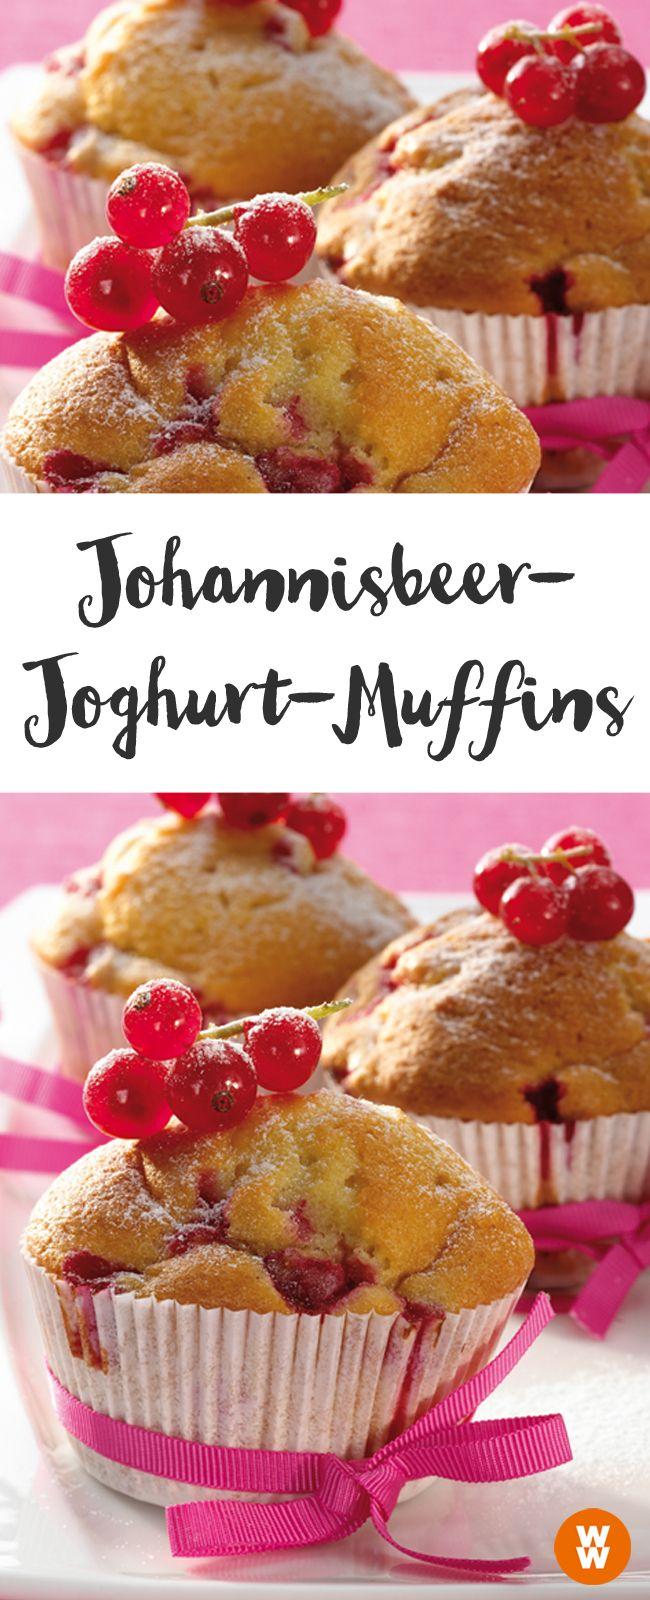 Johannisbeer Joghurt Muffins Rezept In 2019 Susses Desserts